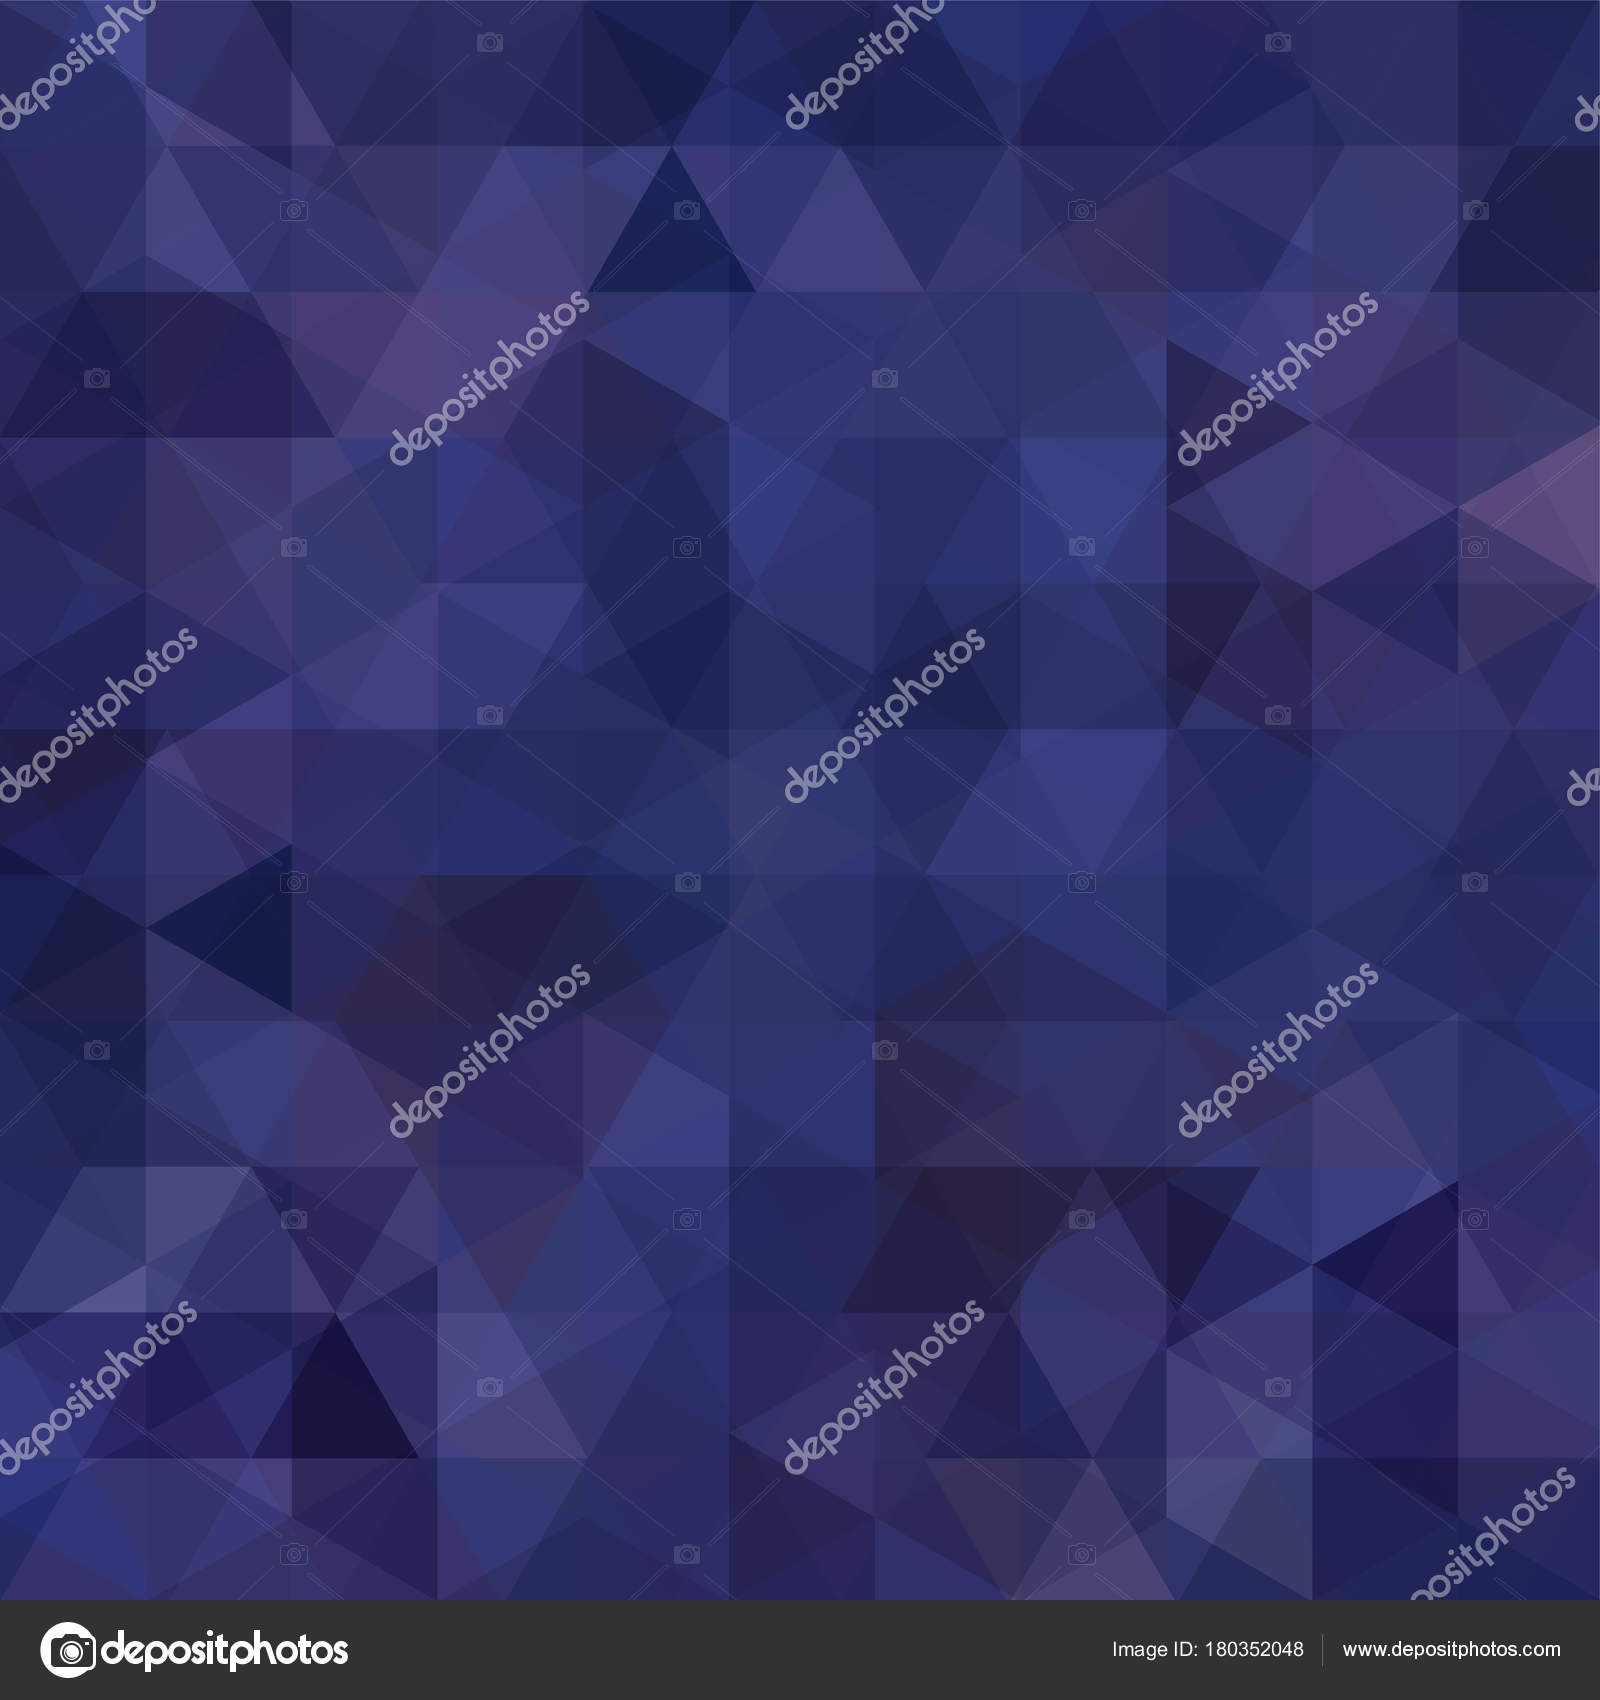 Zusammenfassung Hintergrund bestehend aus lila, blaue Dreiecke ...